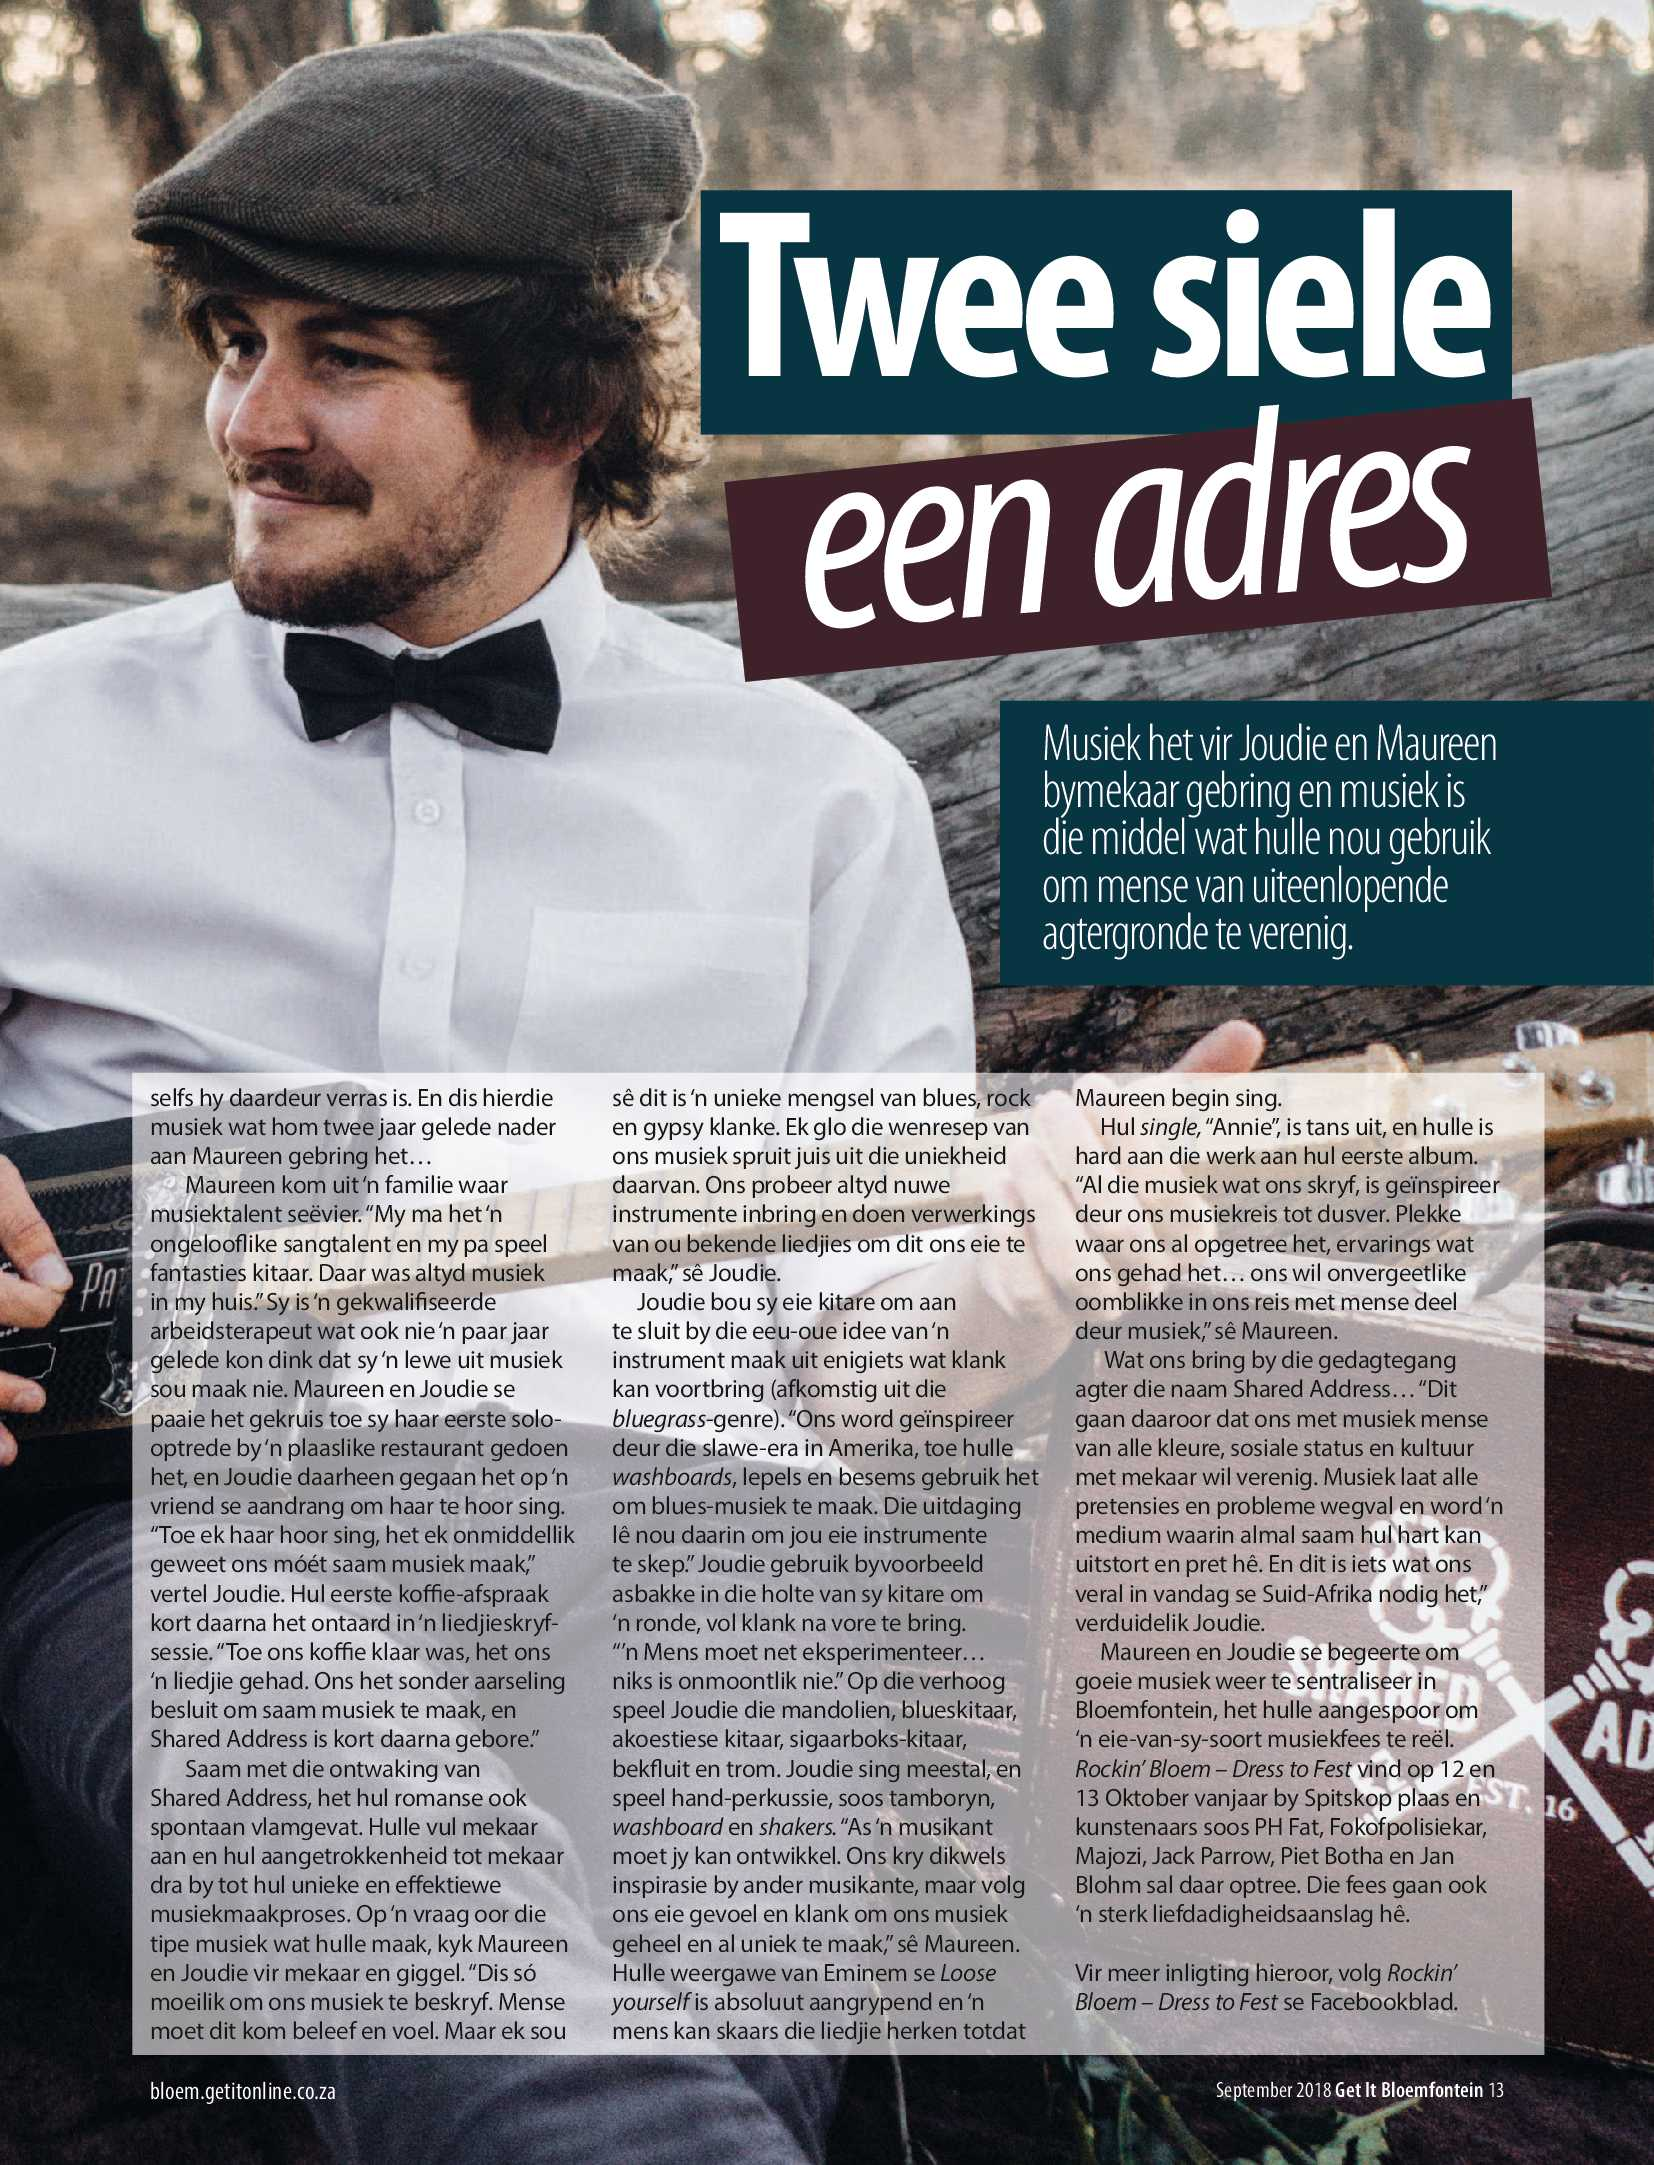 get-bloemfontein-september-2018-epapers-page-15